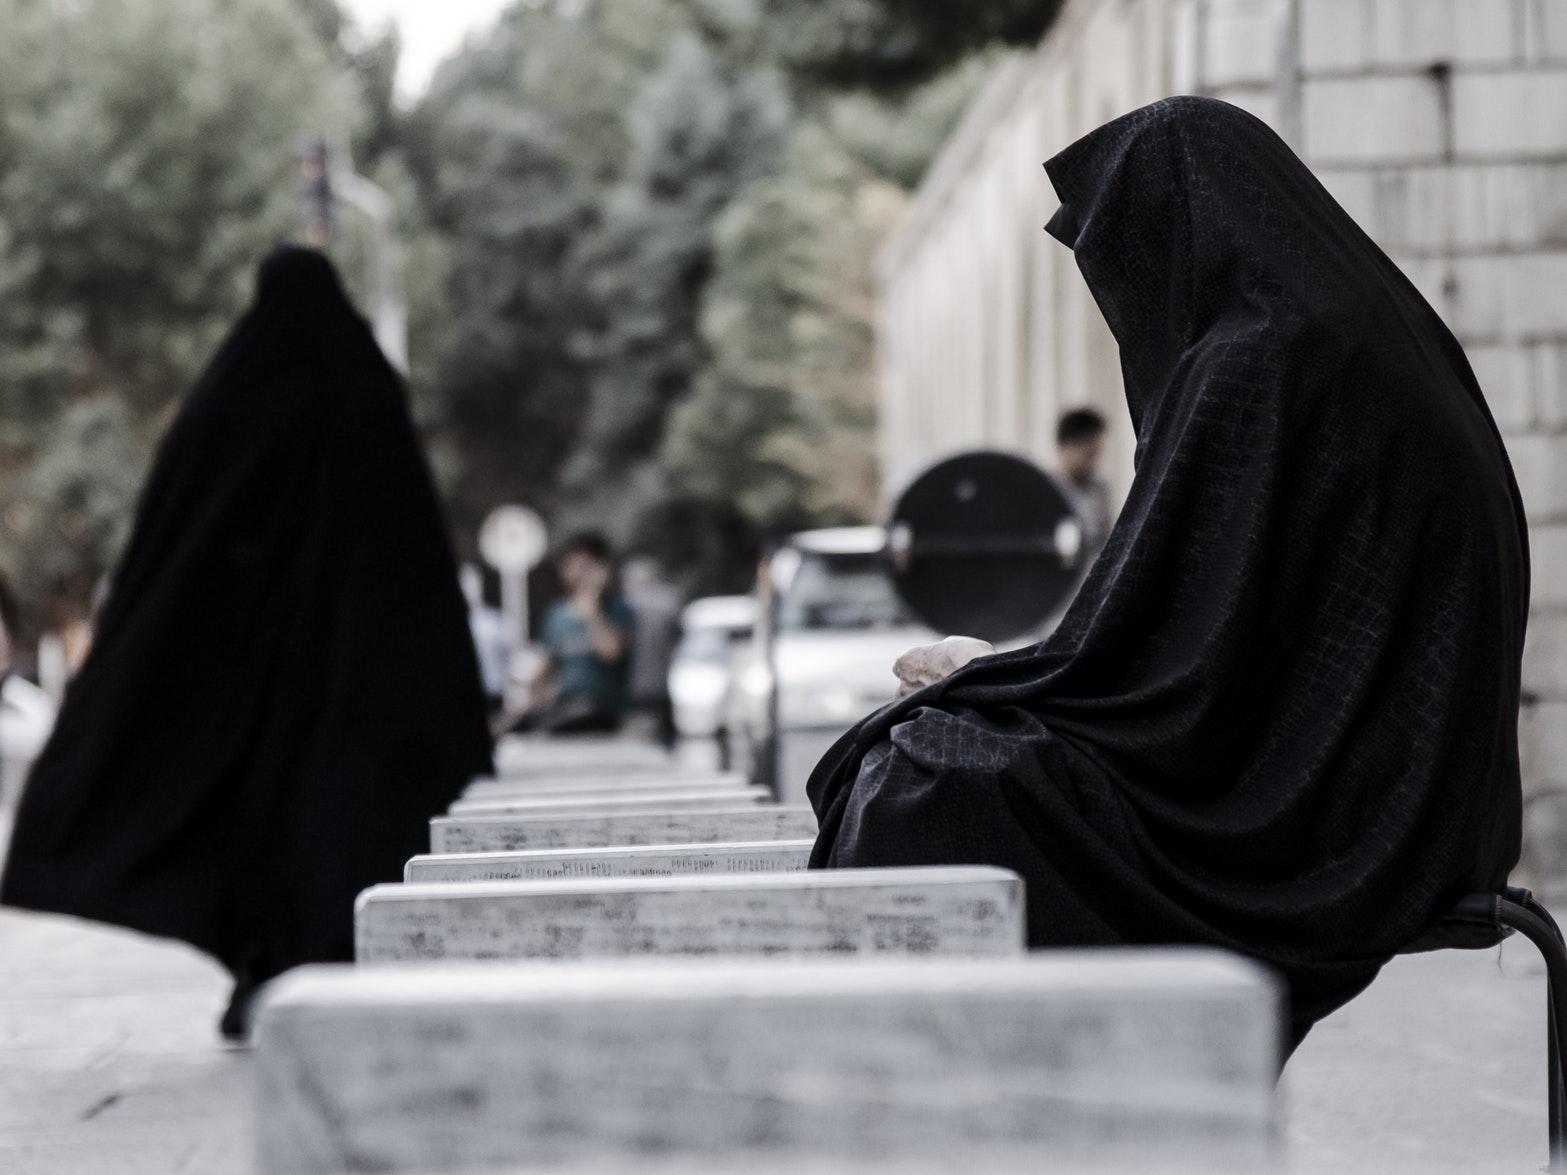 Саудовская Аравия выпустила приложение для дискриминации женщин